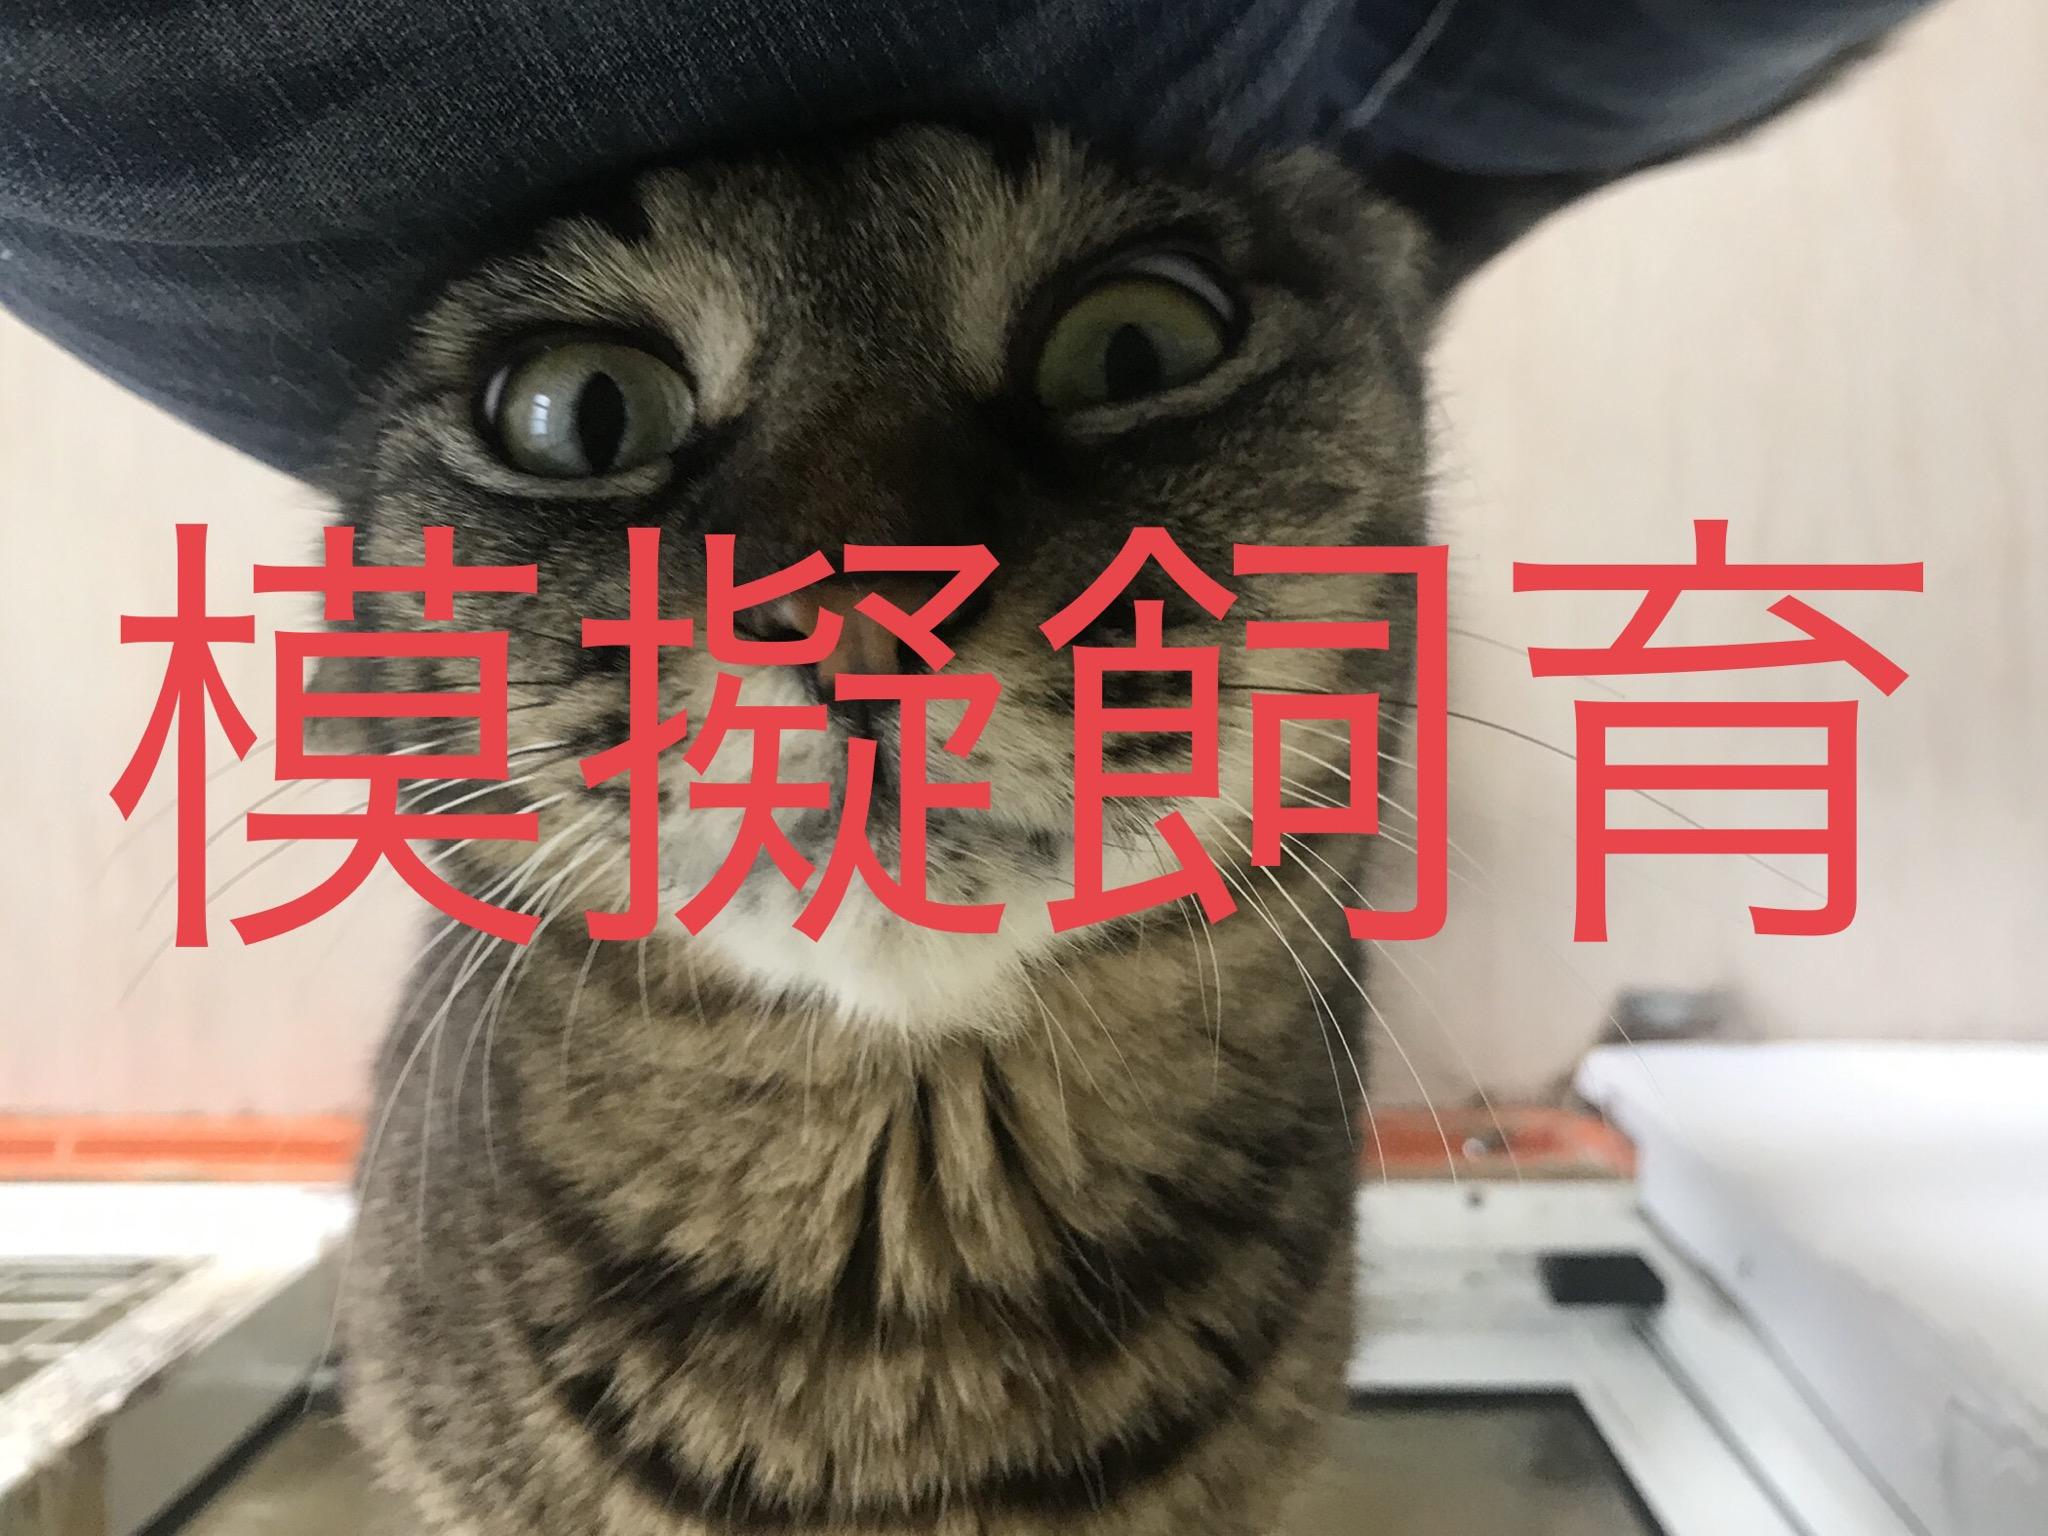 <p></p> <ul> <li>猫種:日本猫 キジトラ</li> <li>性別:男の子</li> <li>名前:しま</li> <li>年齢:2013年5月</li> <li>保護経緯:急な引越しのため飼育困難になりました</li> </ul>